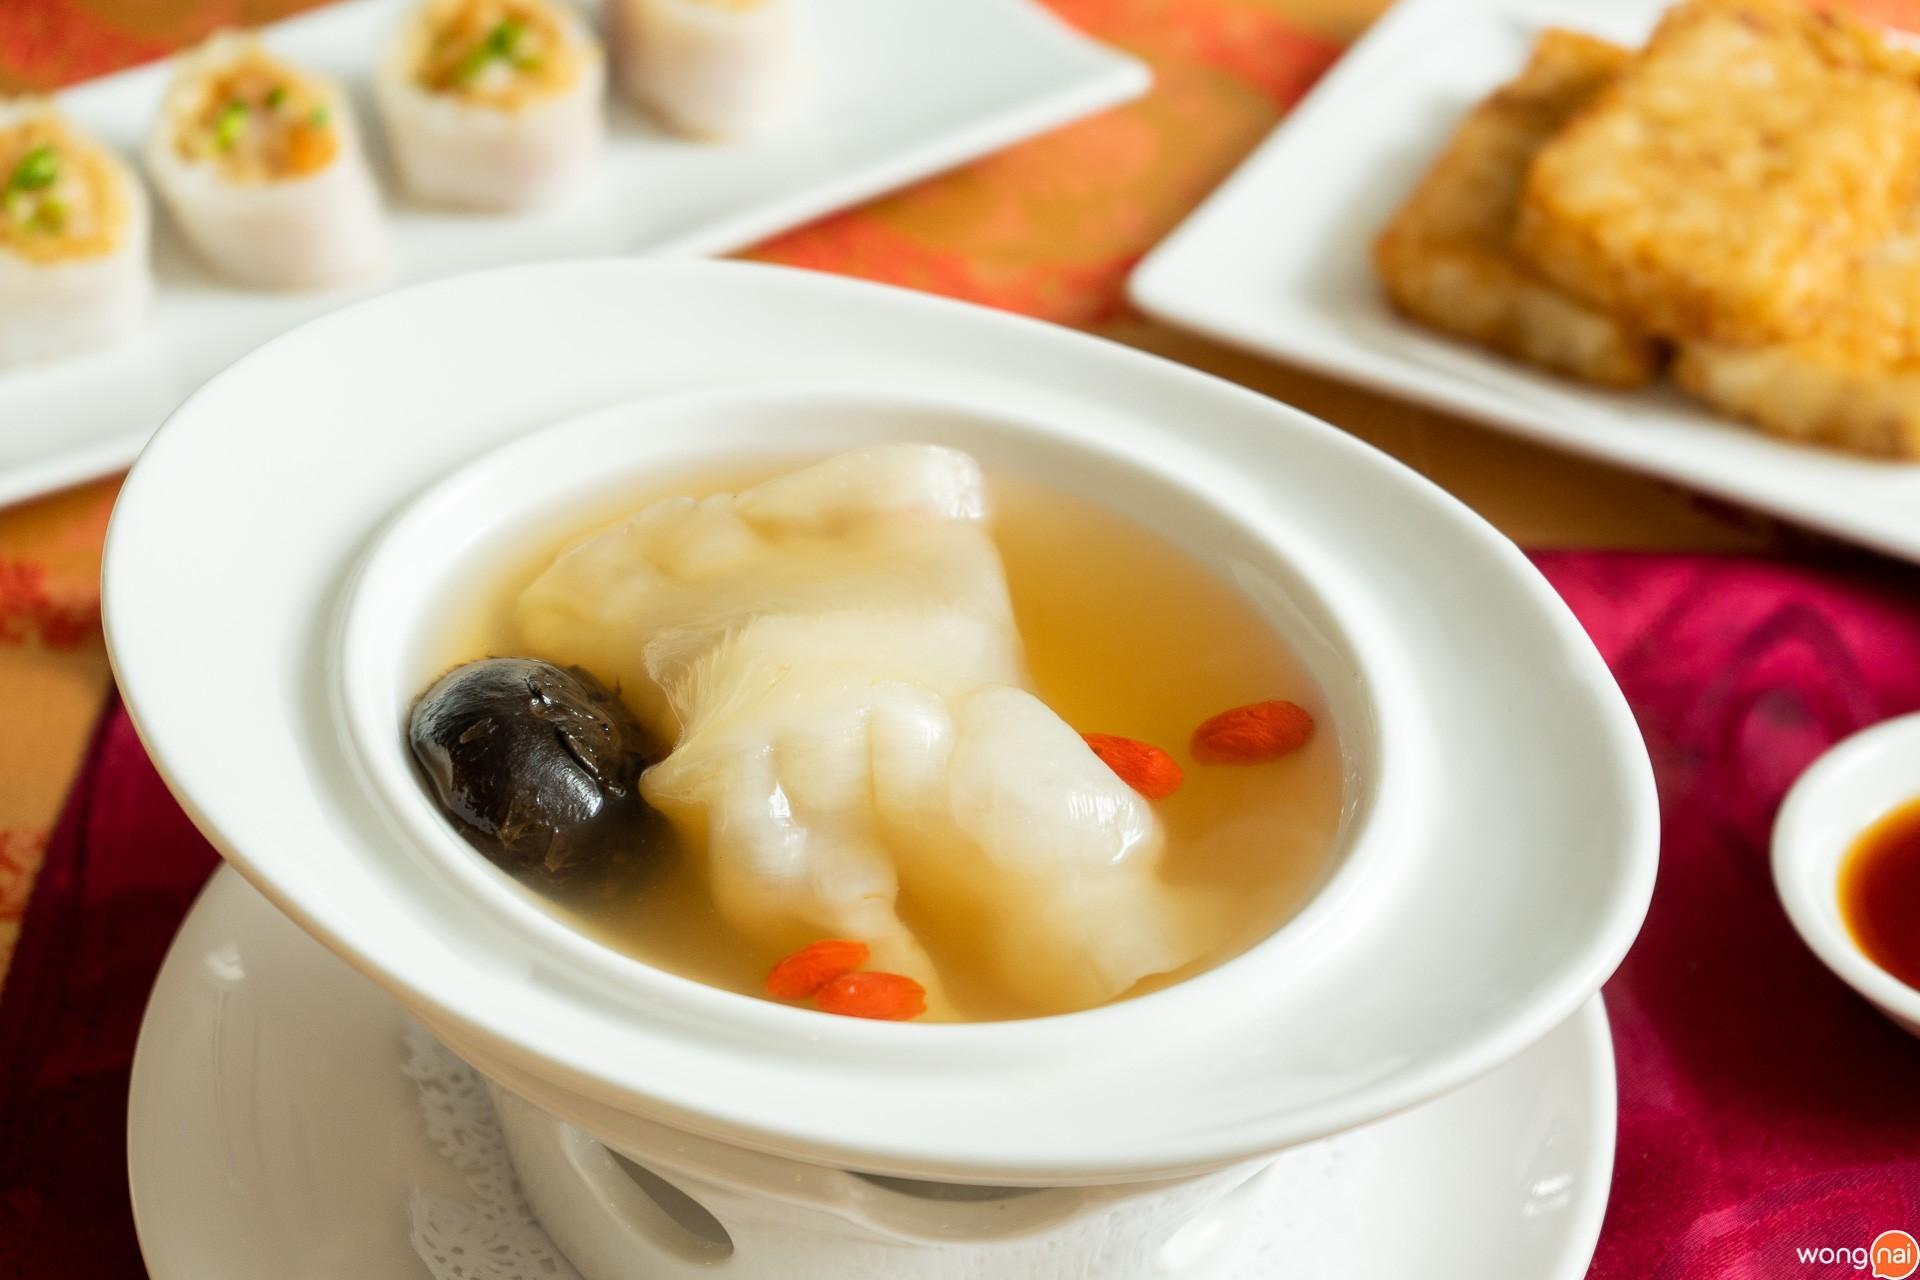 ซุปกระเพาะปลาตุ๋นเห็ดหอม